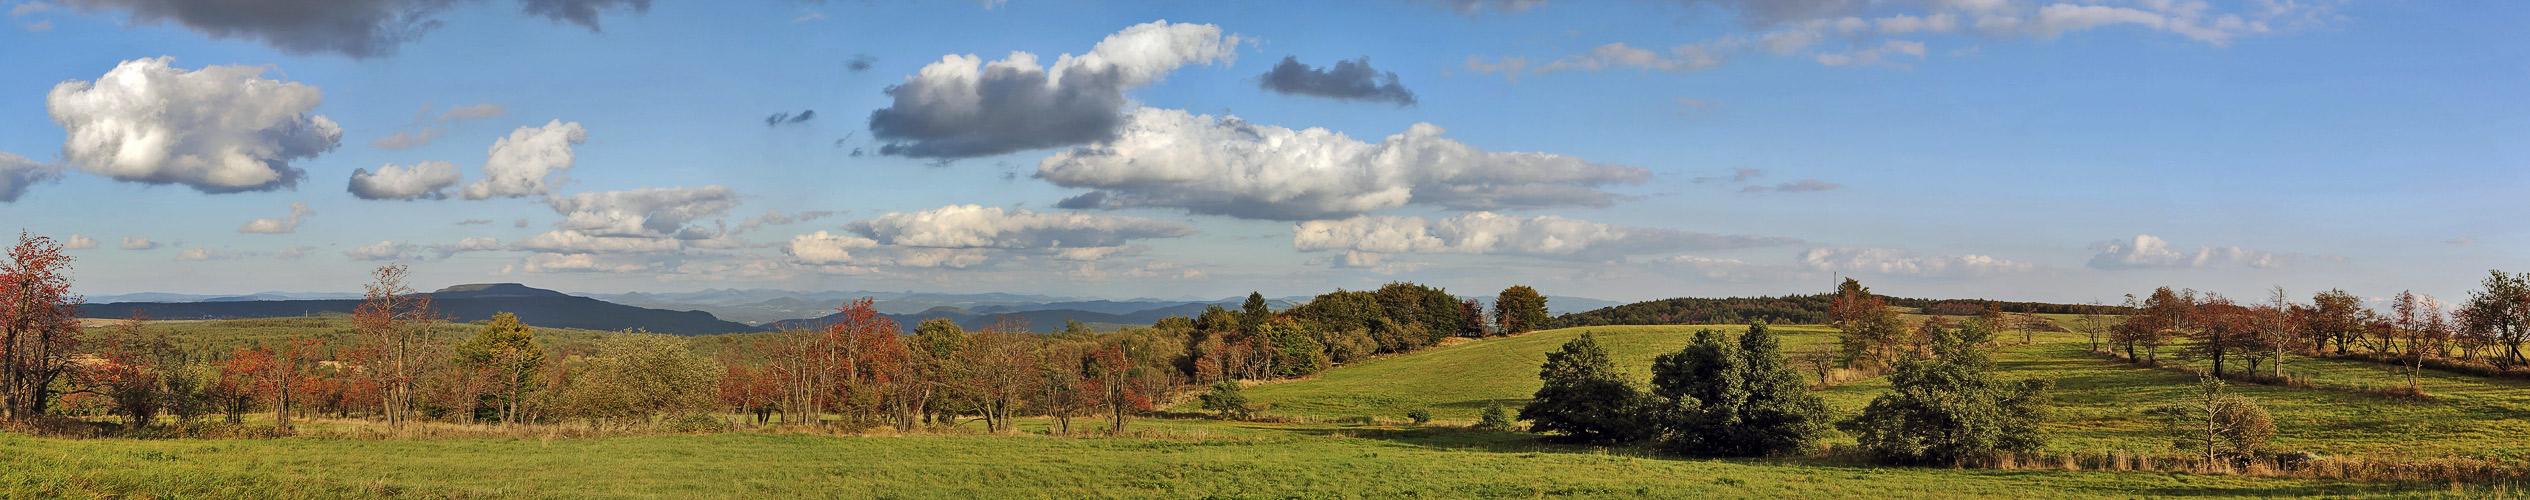 Goldener Herbst beim östlichen sächsischen Dach, aber schon in Böhmen, denn...